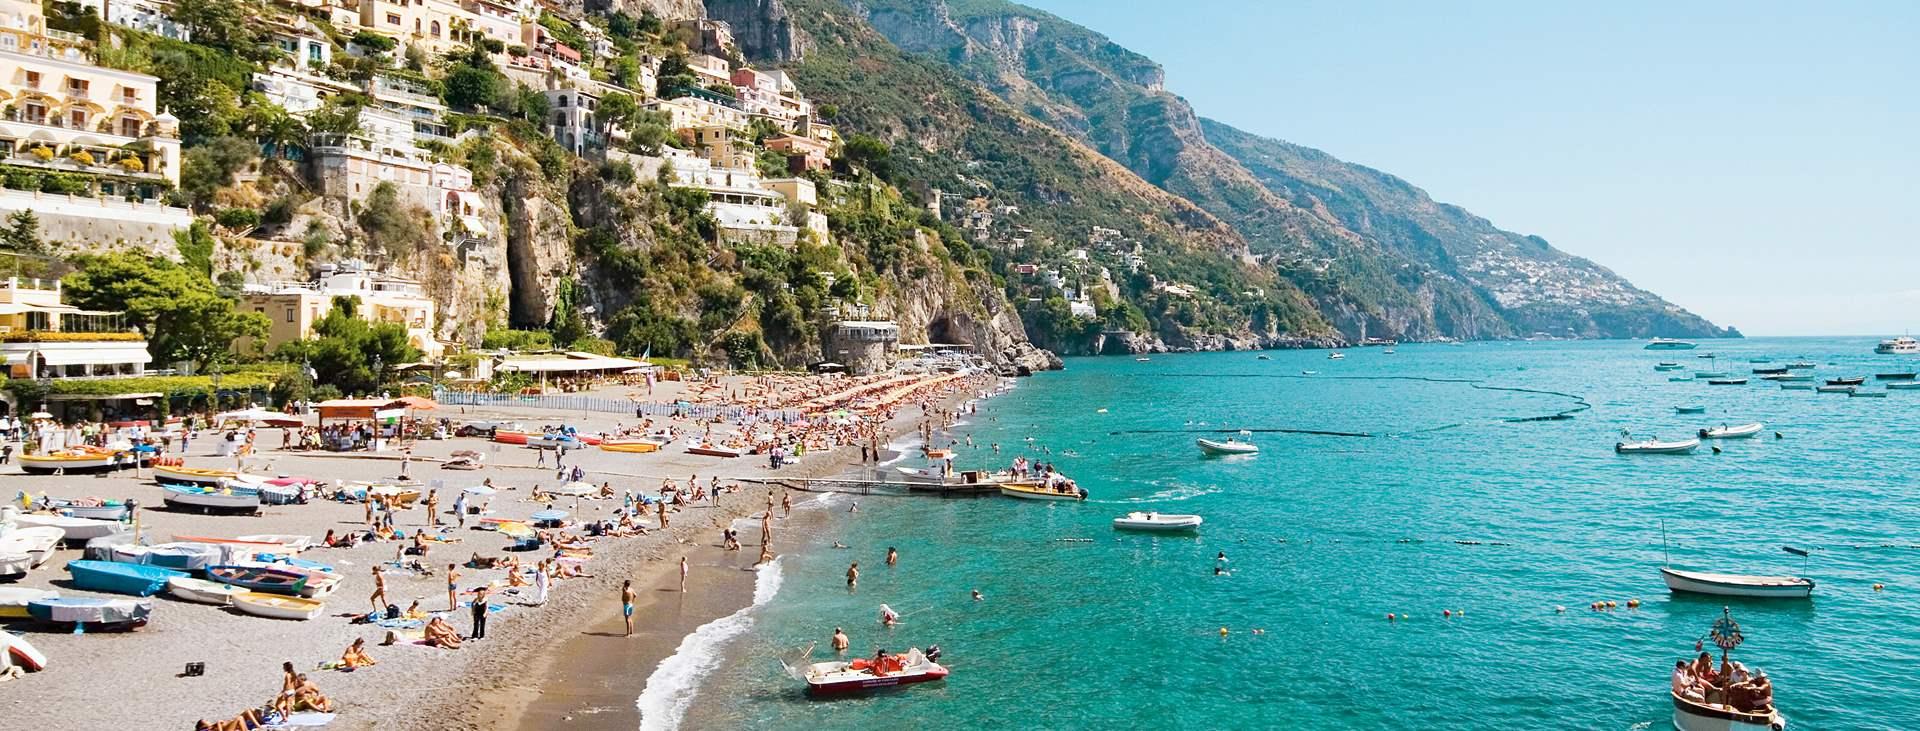 Matkusta Tjäreborgin kautta Positanoon, Amalfin rannikolle, joustavasti reittilennoilla